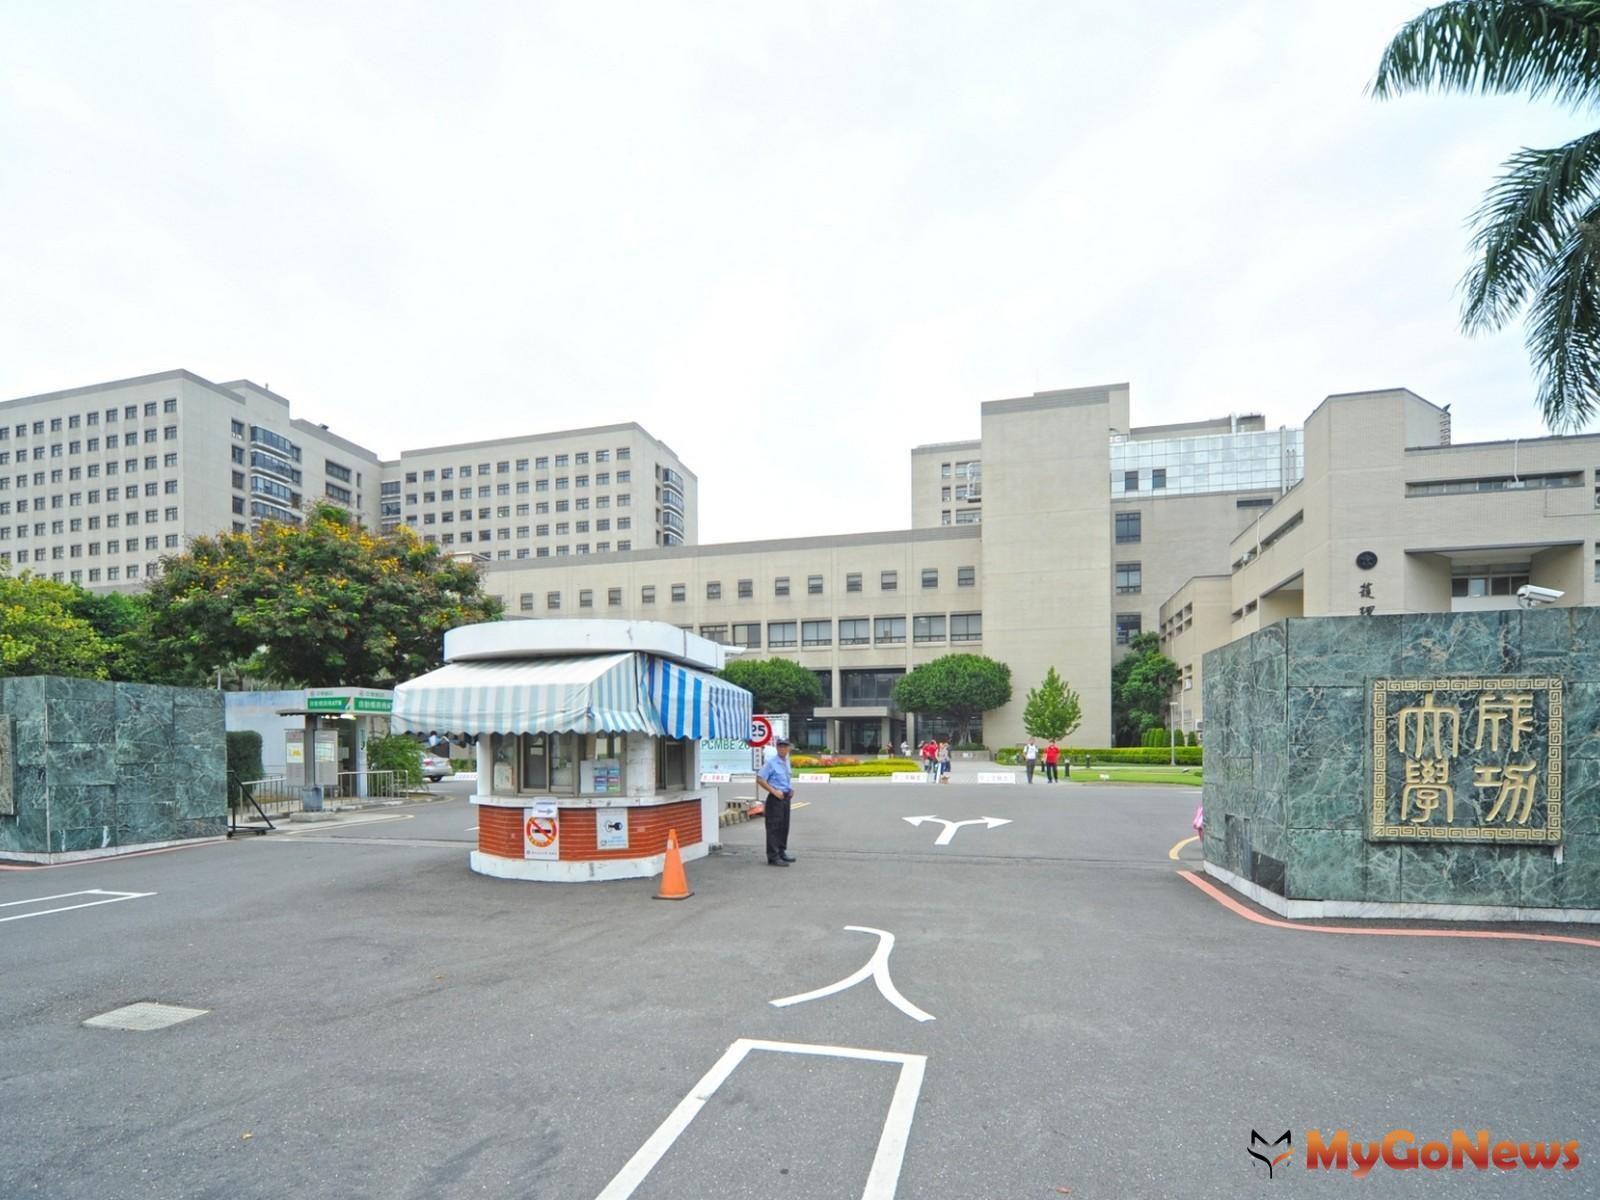 宿舍床位一床難求!台南成功大學宿舍周邊套房投報可達4~5.6% MyGoNews房地產新聞 市場快訊